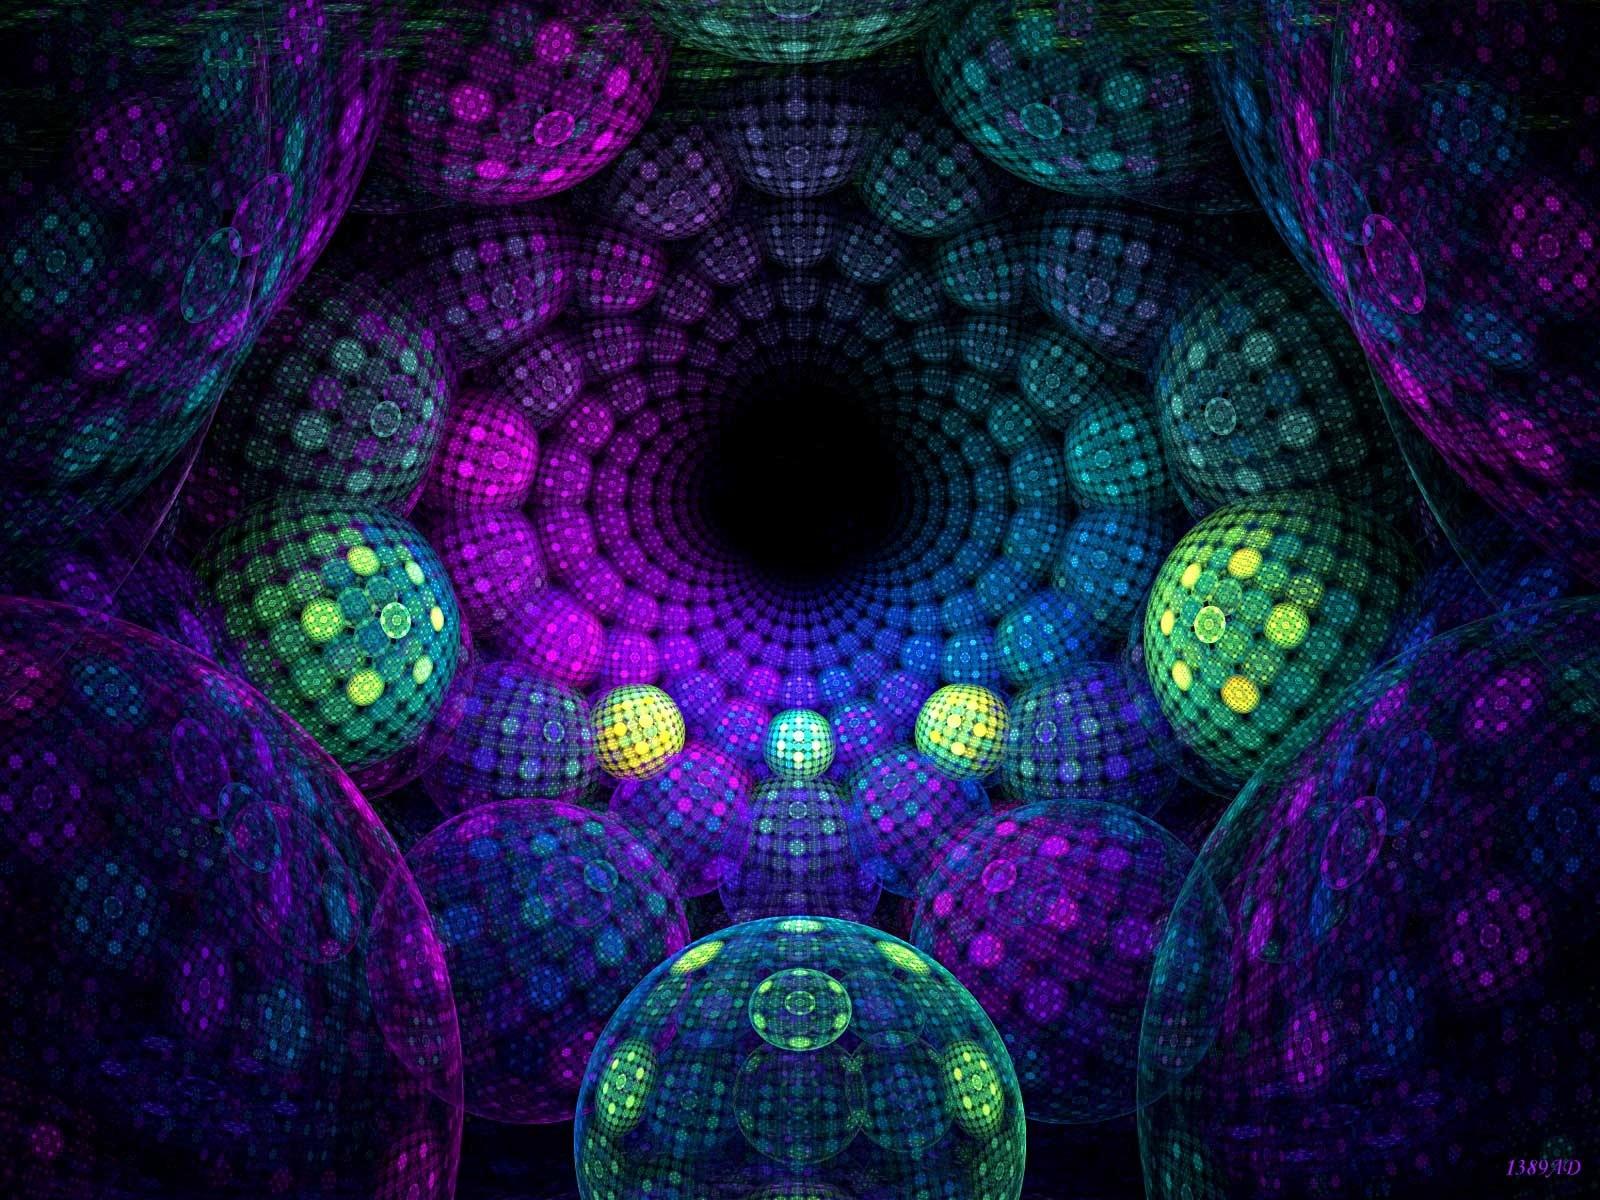 Psychedelic Tunnel Wallpaper Plano De Fundo Psicodelico 175016